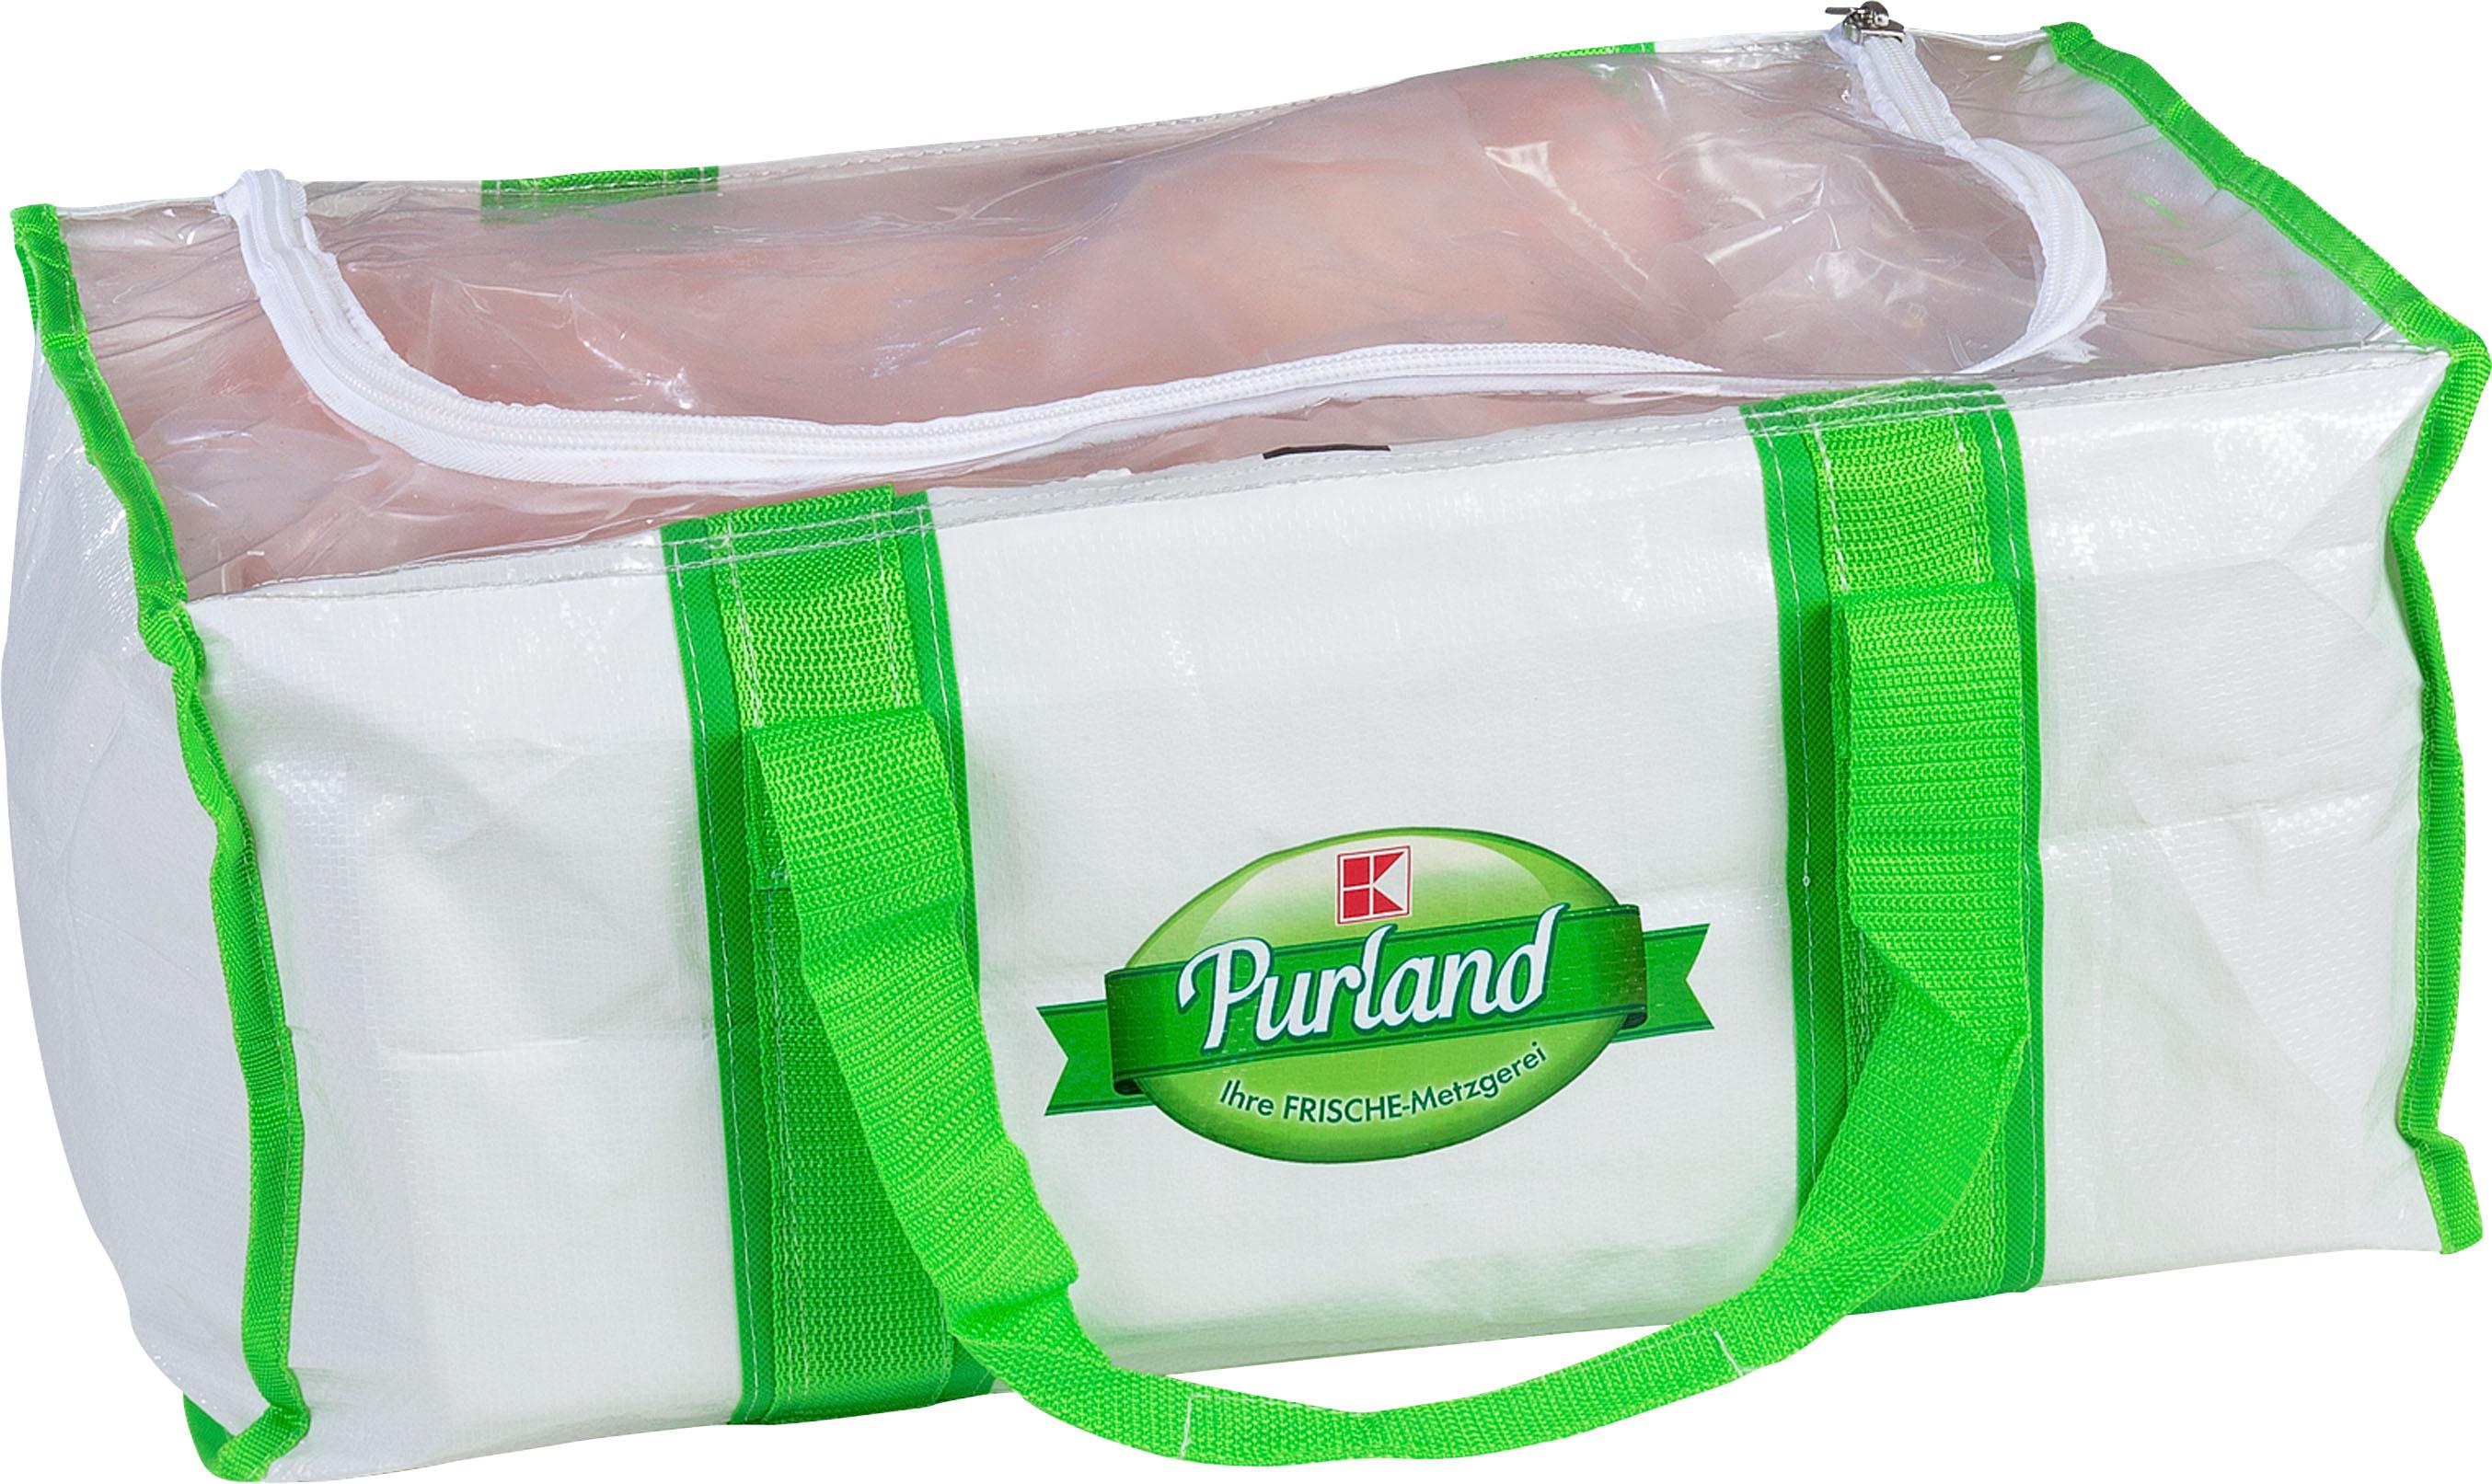 Abbildung des Angebots K-Purland Halbes Schwein grob zerlegt, HKl. U,